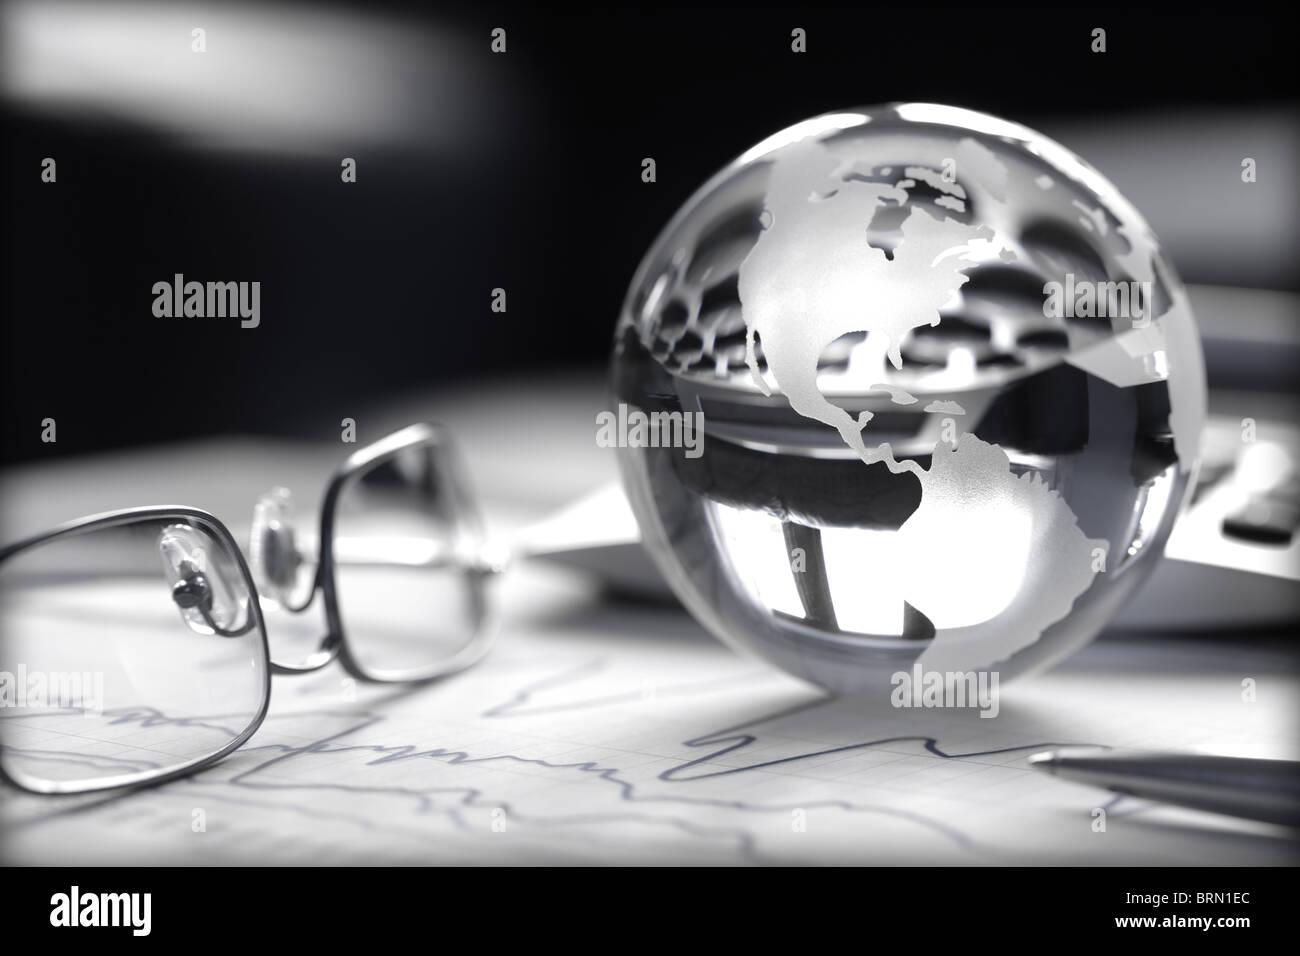 Imagen de tonos del globo de cristal con gráficos de cotizaciones, calculadora y espectáculos Imagen De Stock